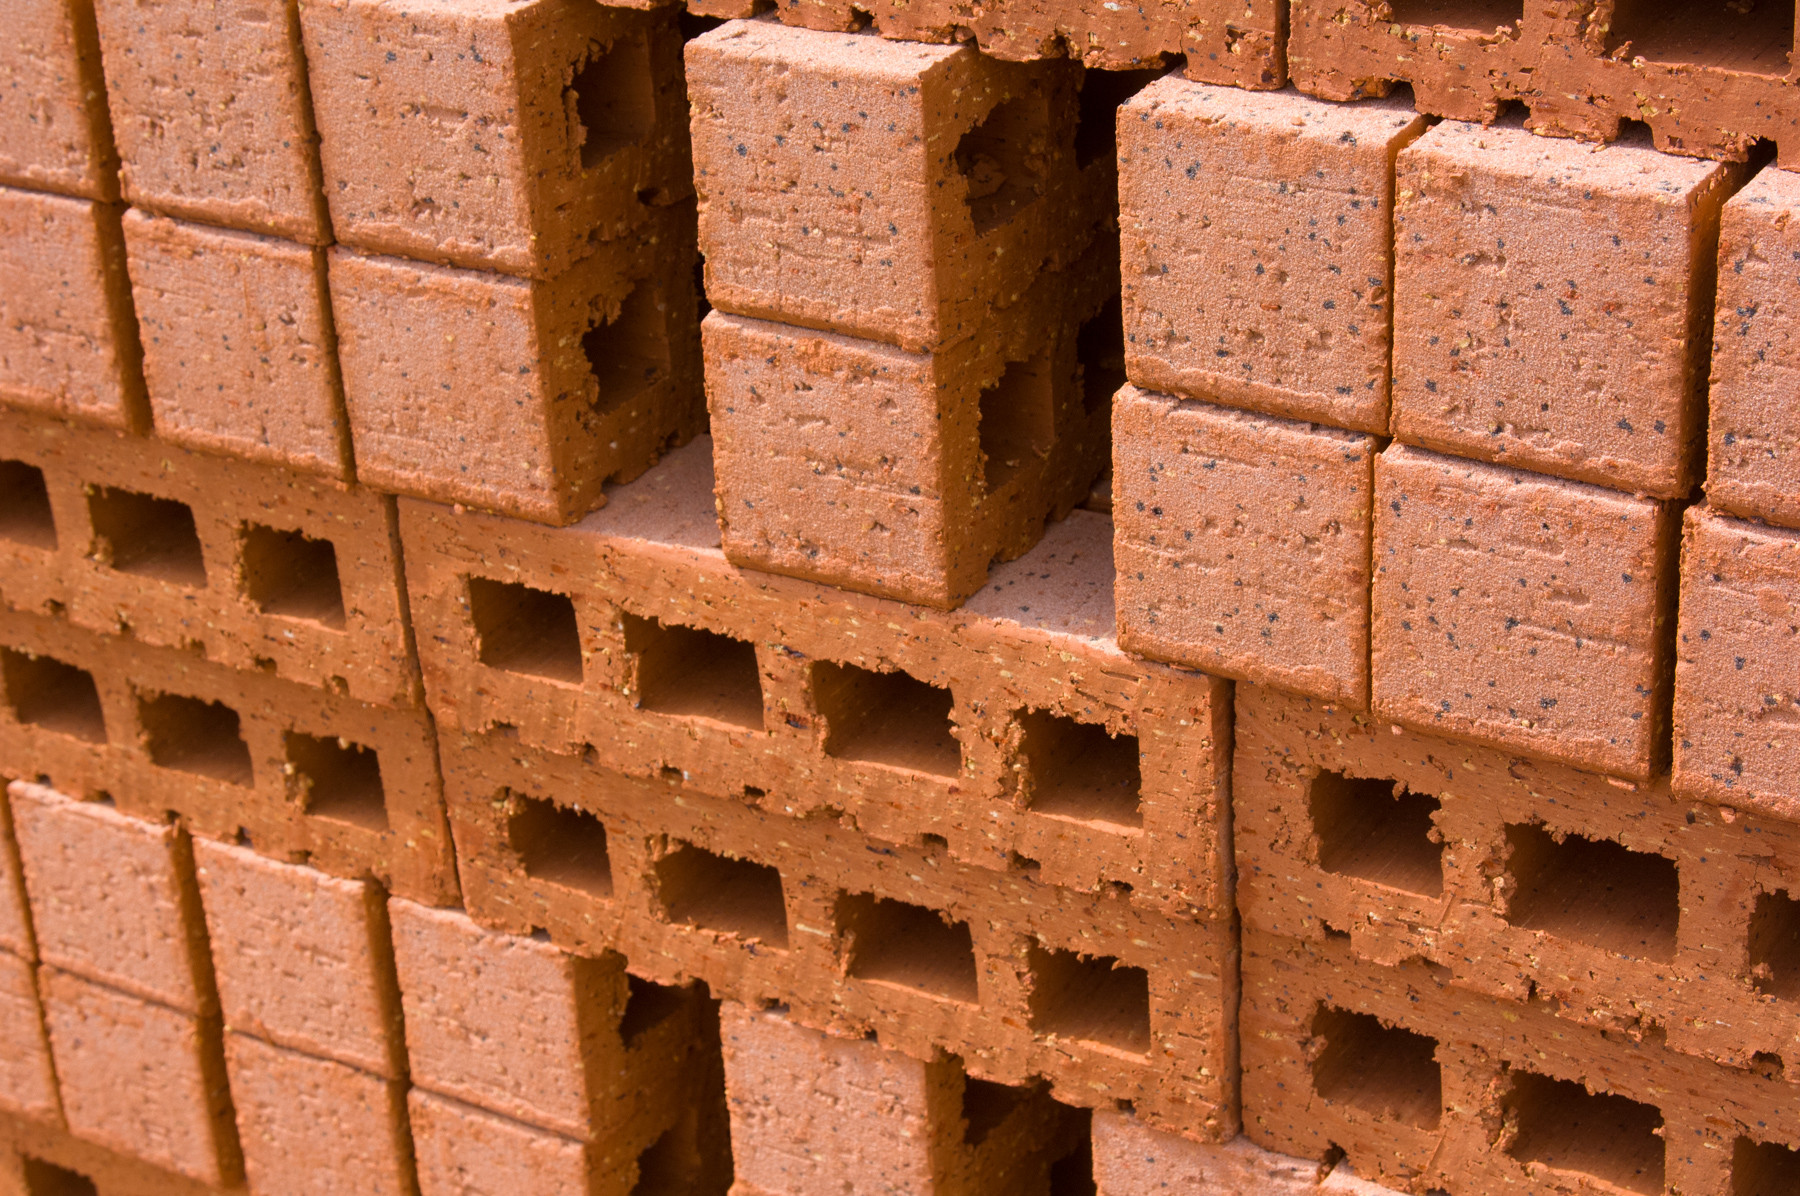 20070530dtp332-building-a-brick-wall-5